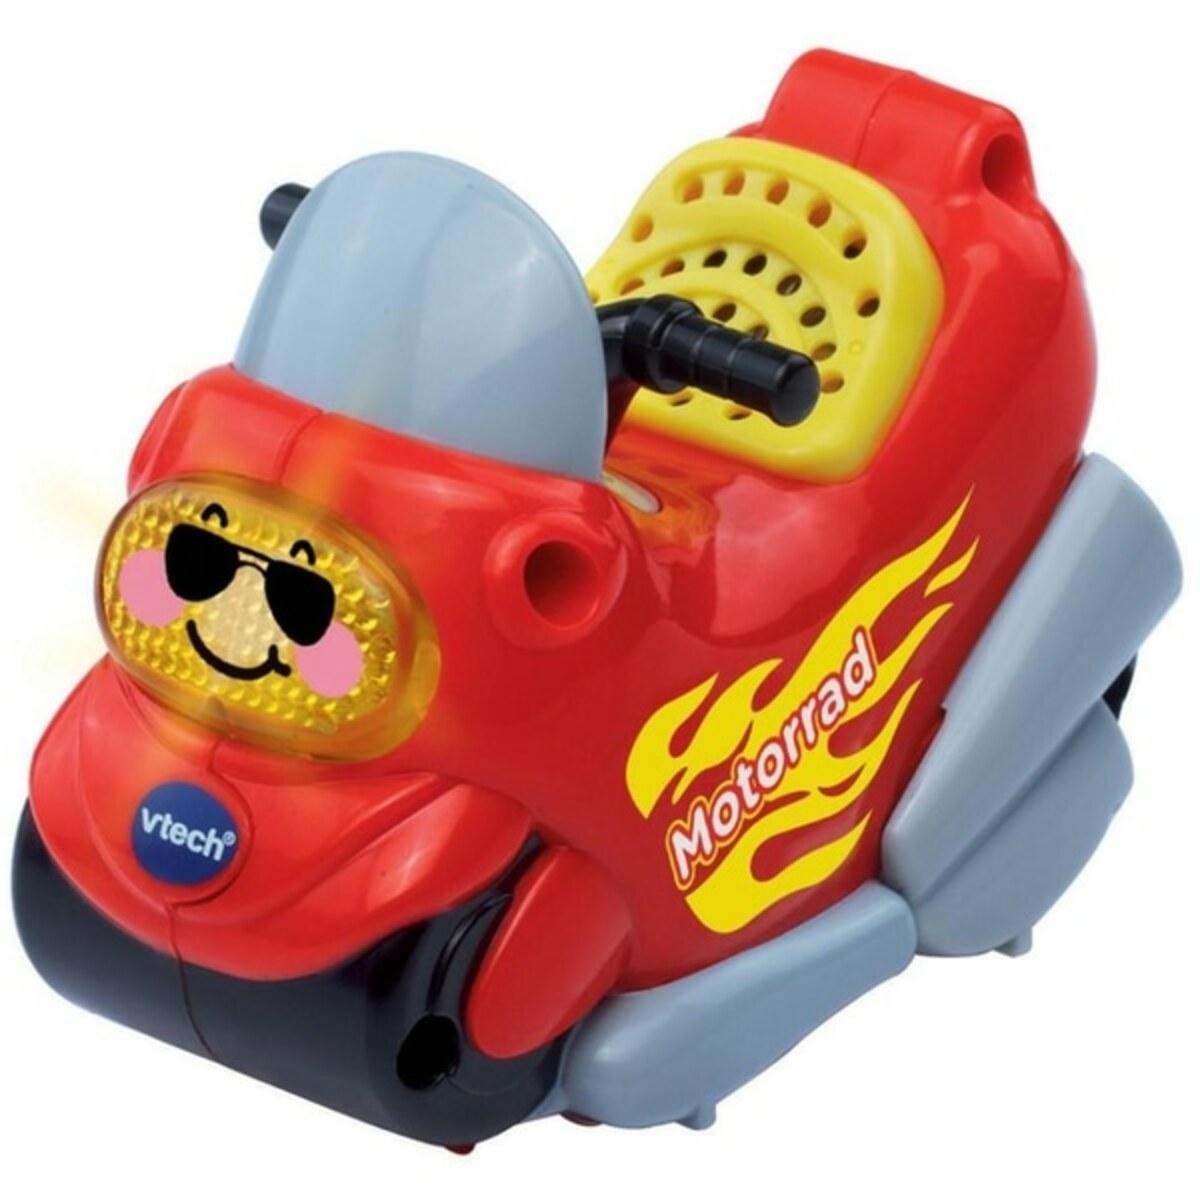 Bild 1 von VTech - Tut Tut Baby Flitzer: Motorrad